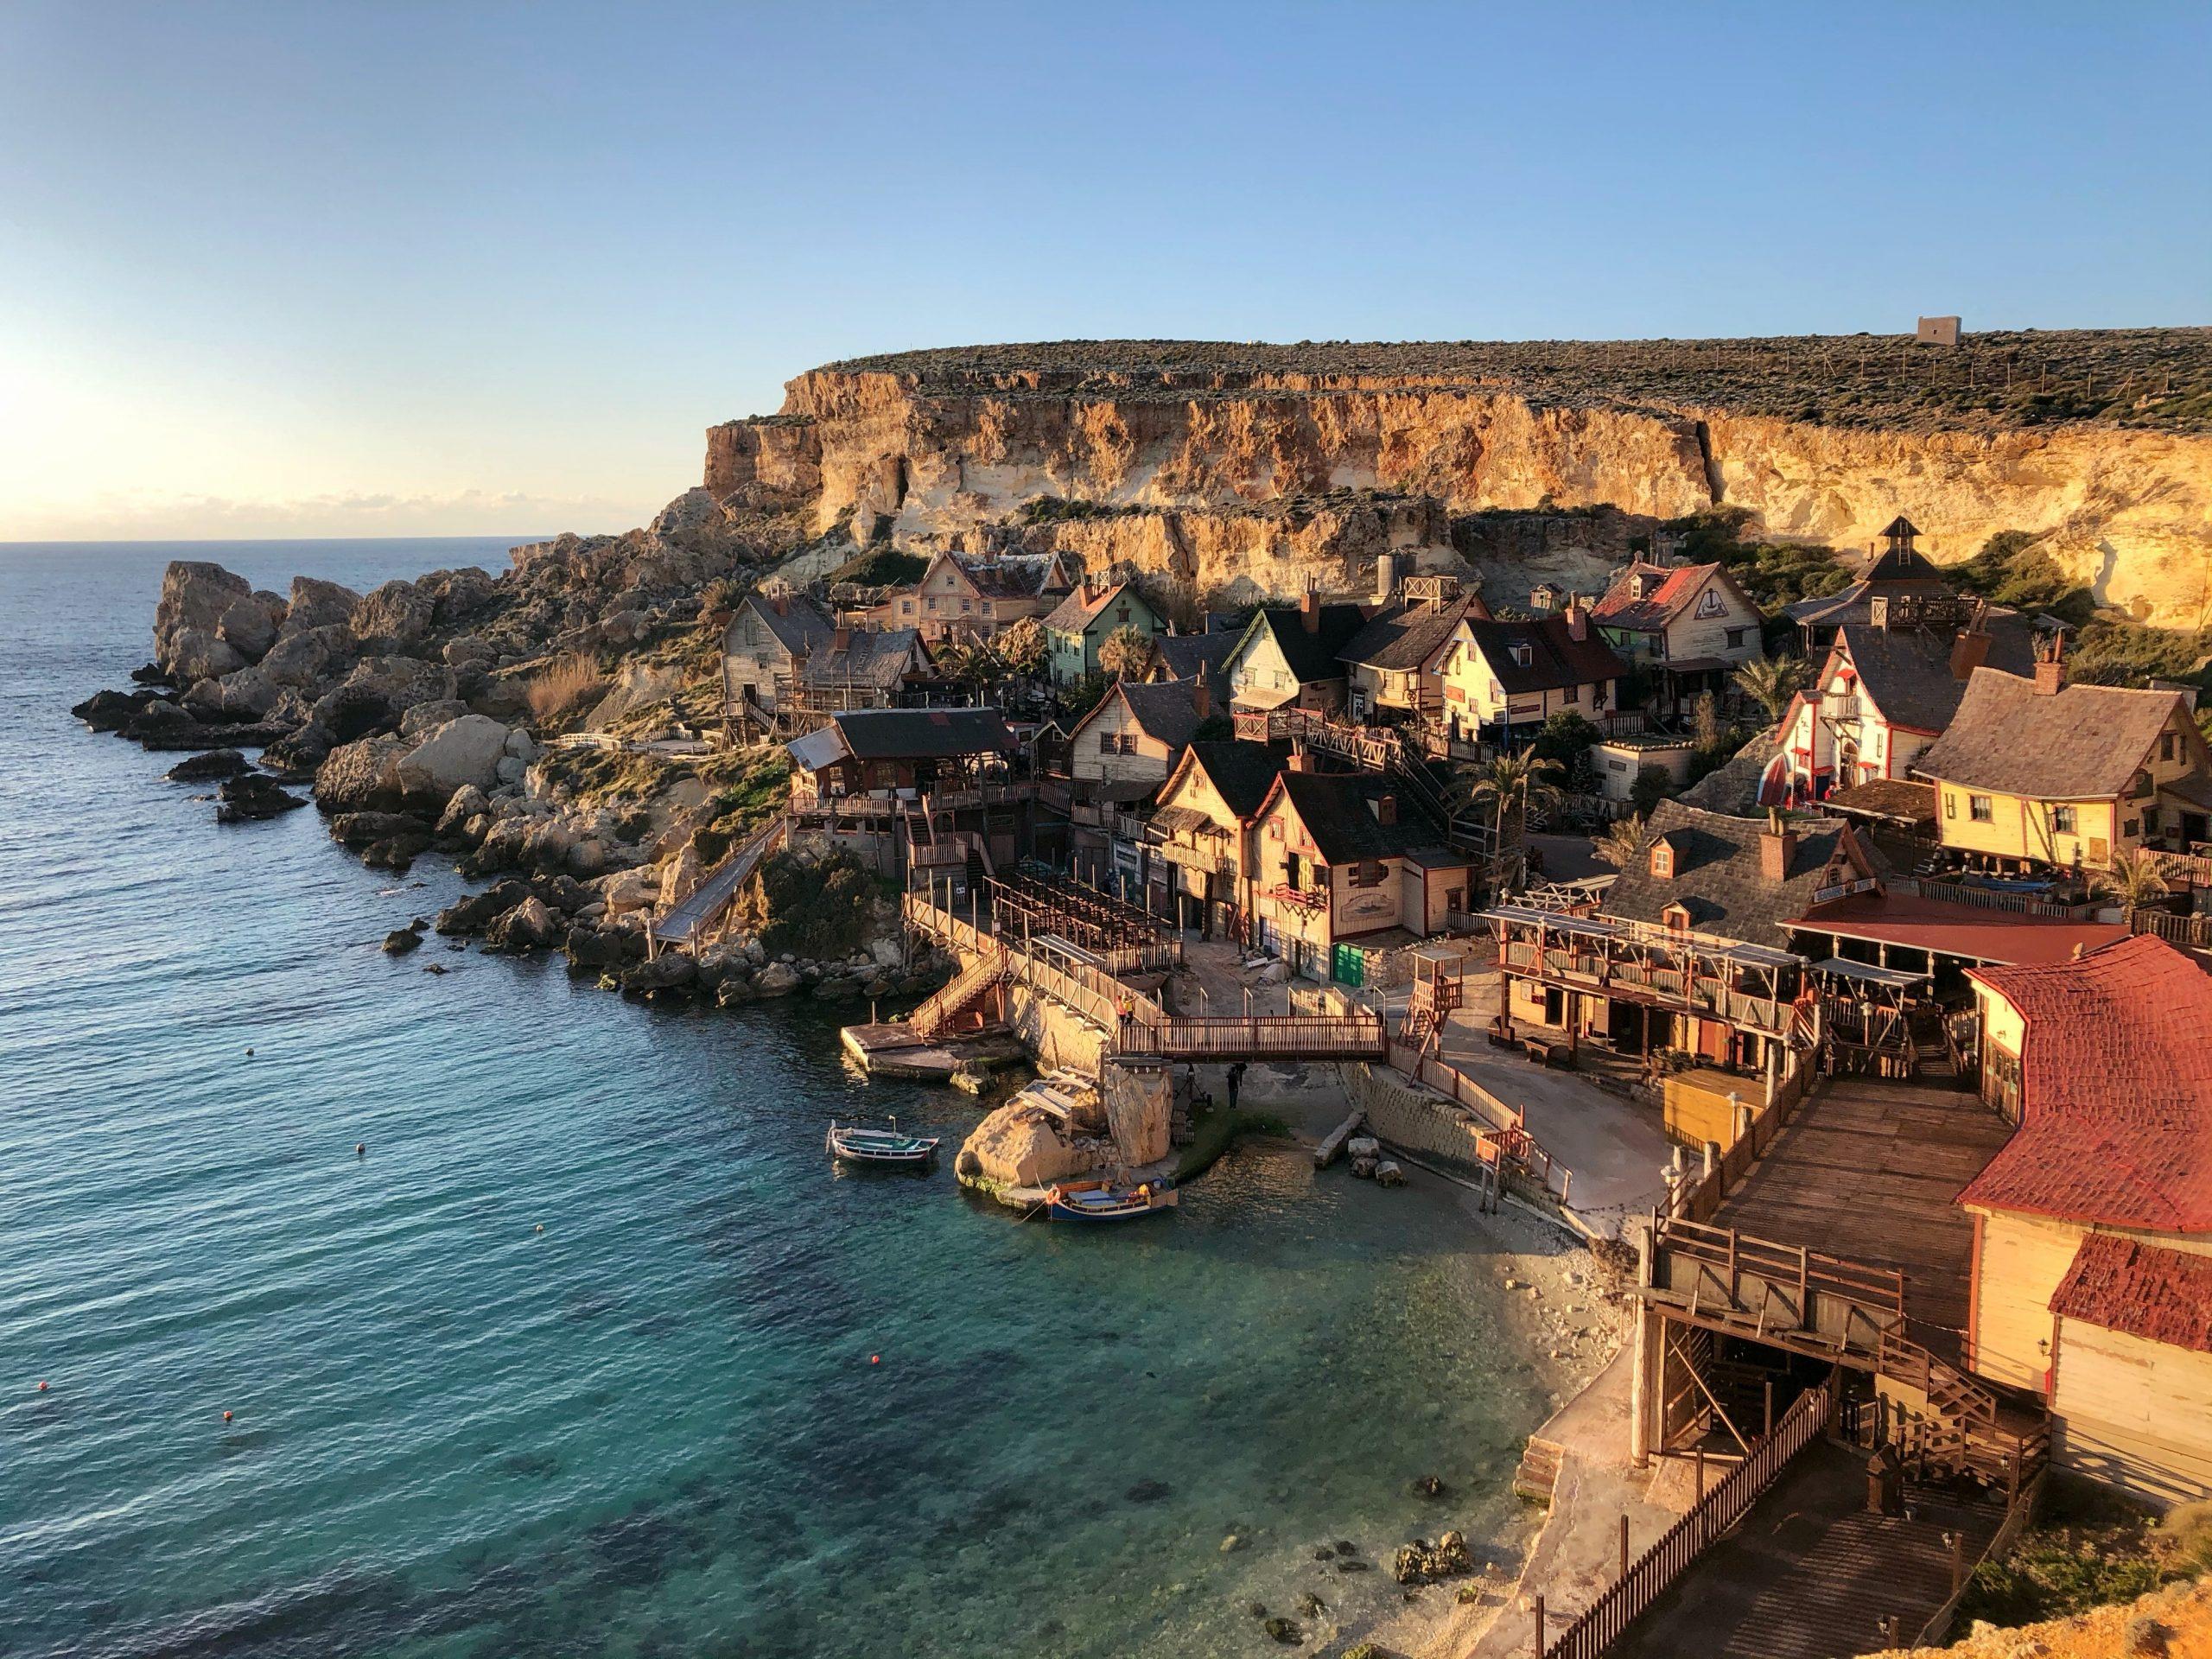 Tại sao mọi người đổ xô đến Malta để định cư ?